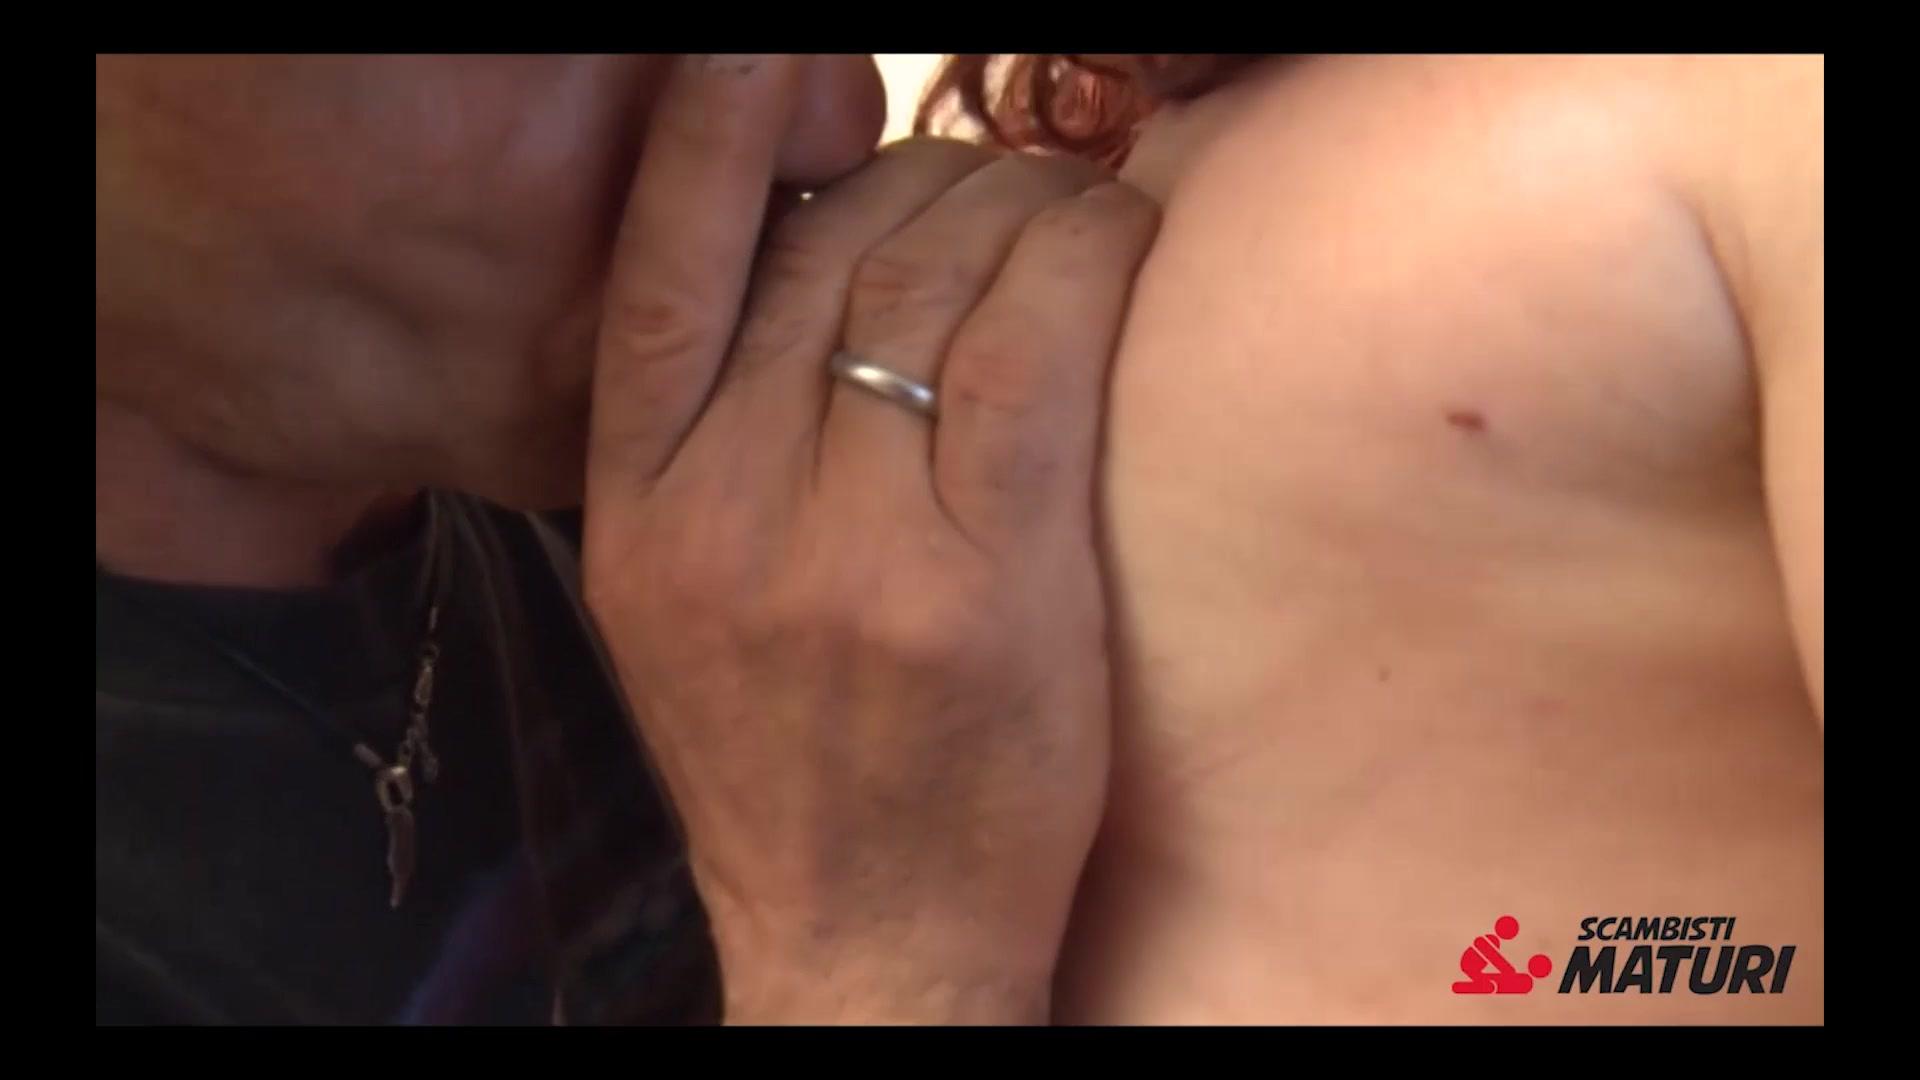 Сучка привязав мужа к стремянке дрочит его член #4